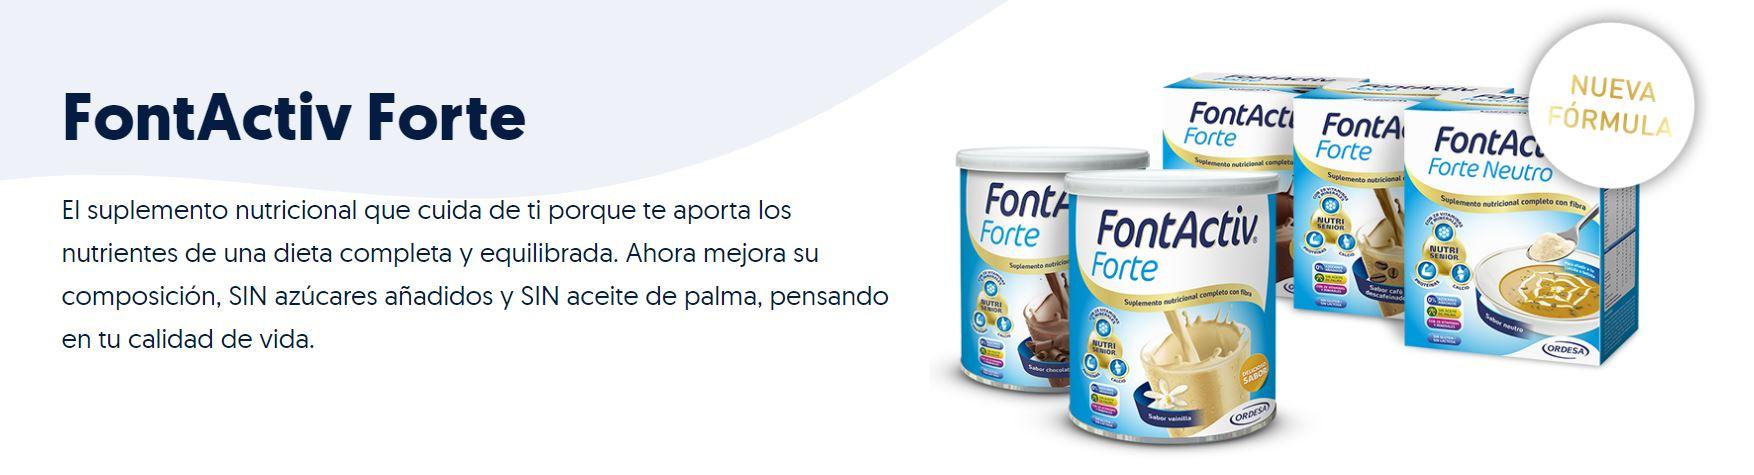 FONTACTIV Forte Banner